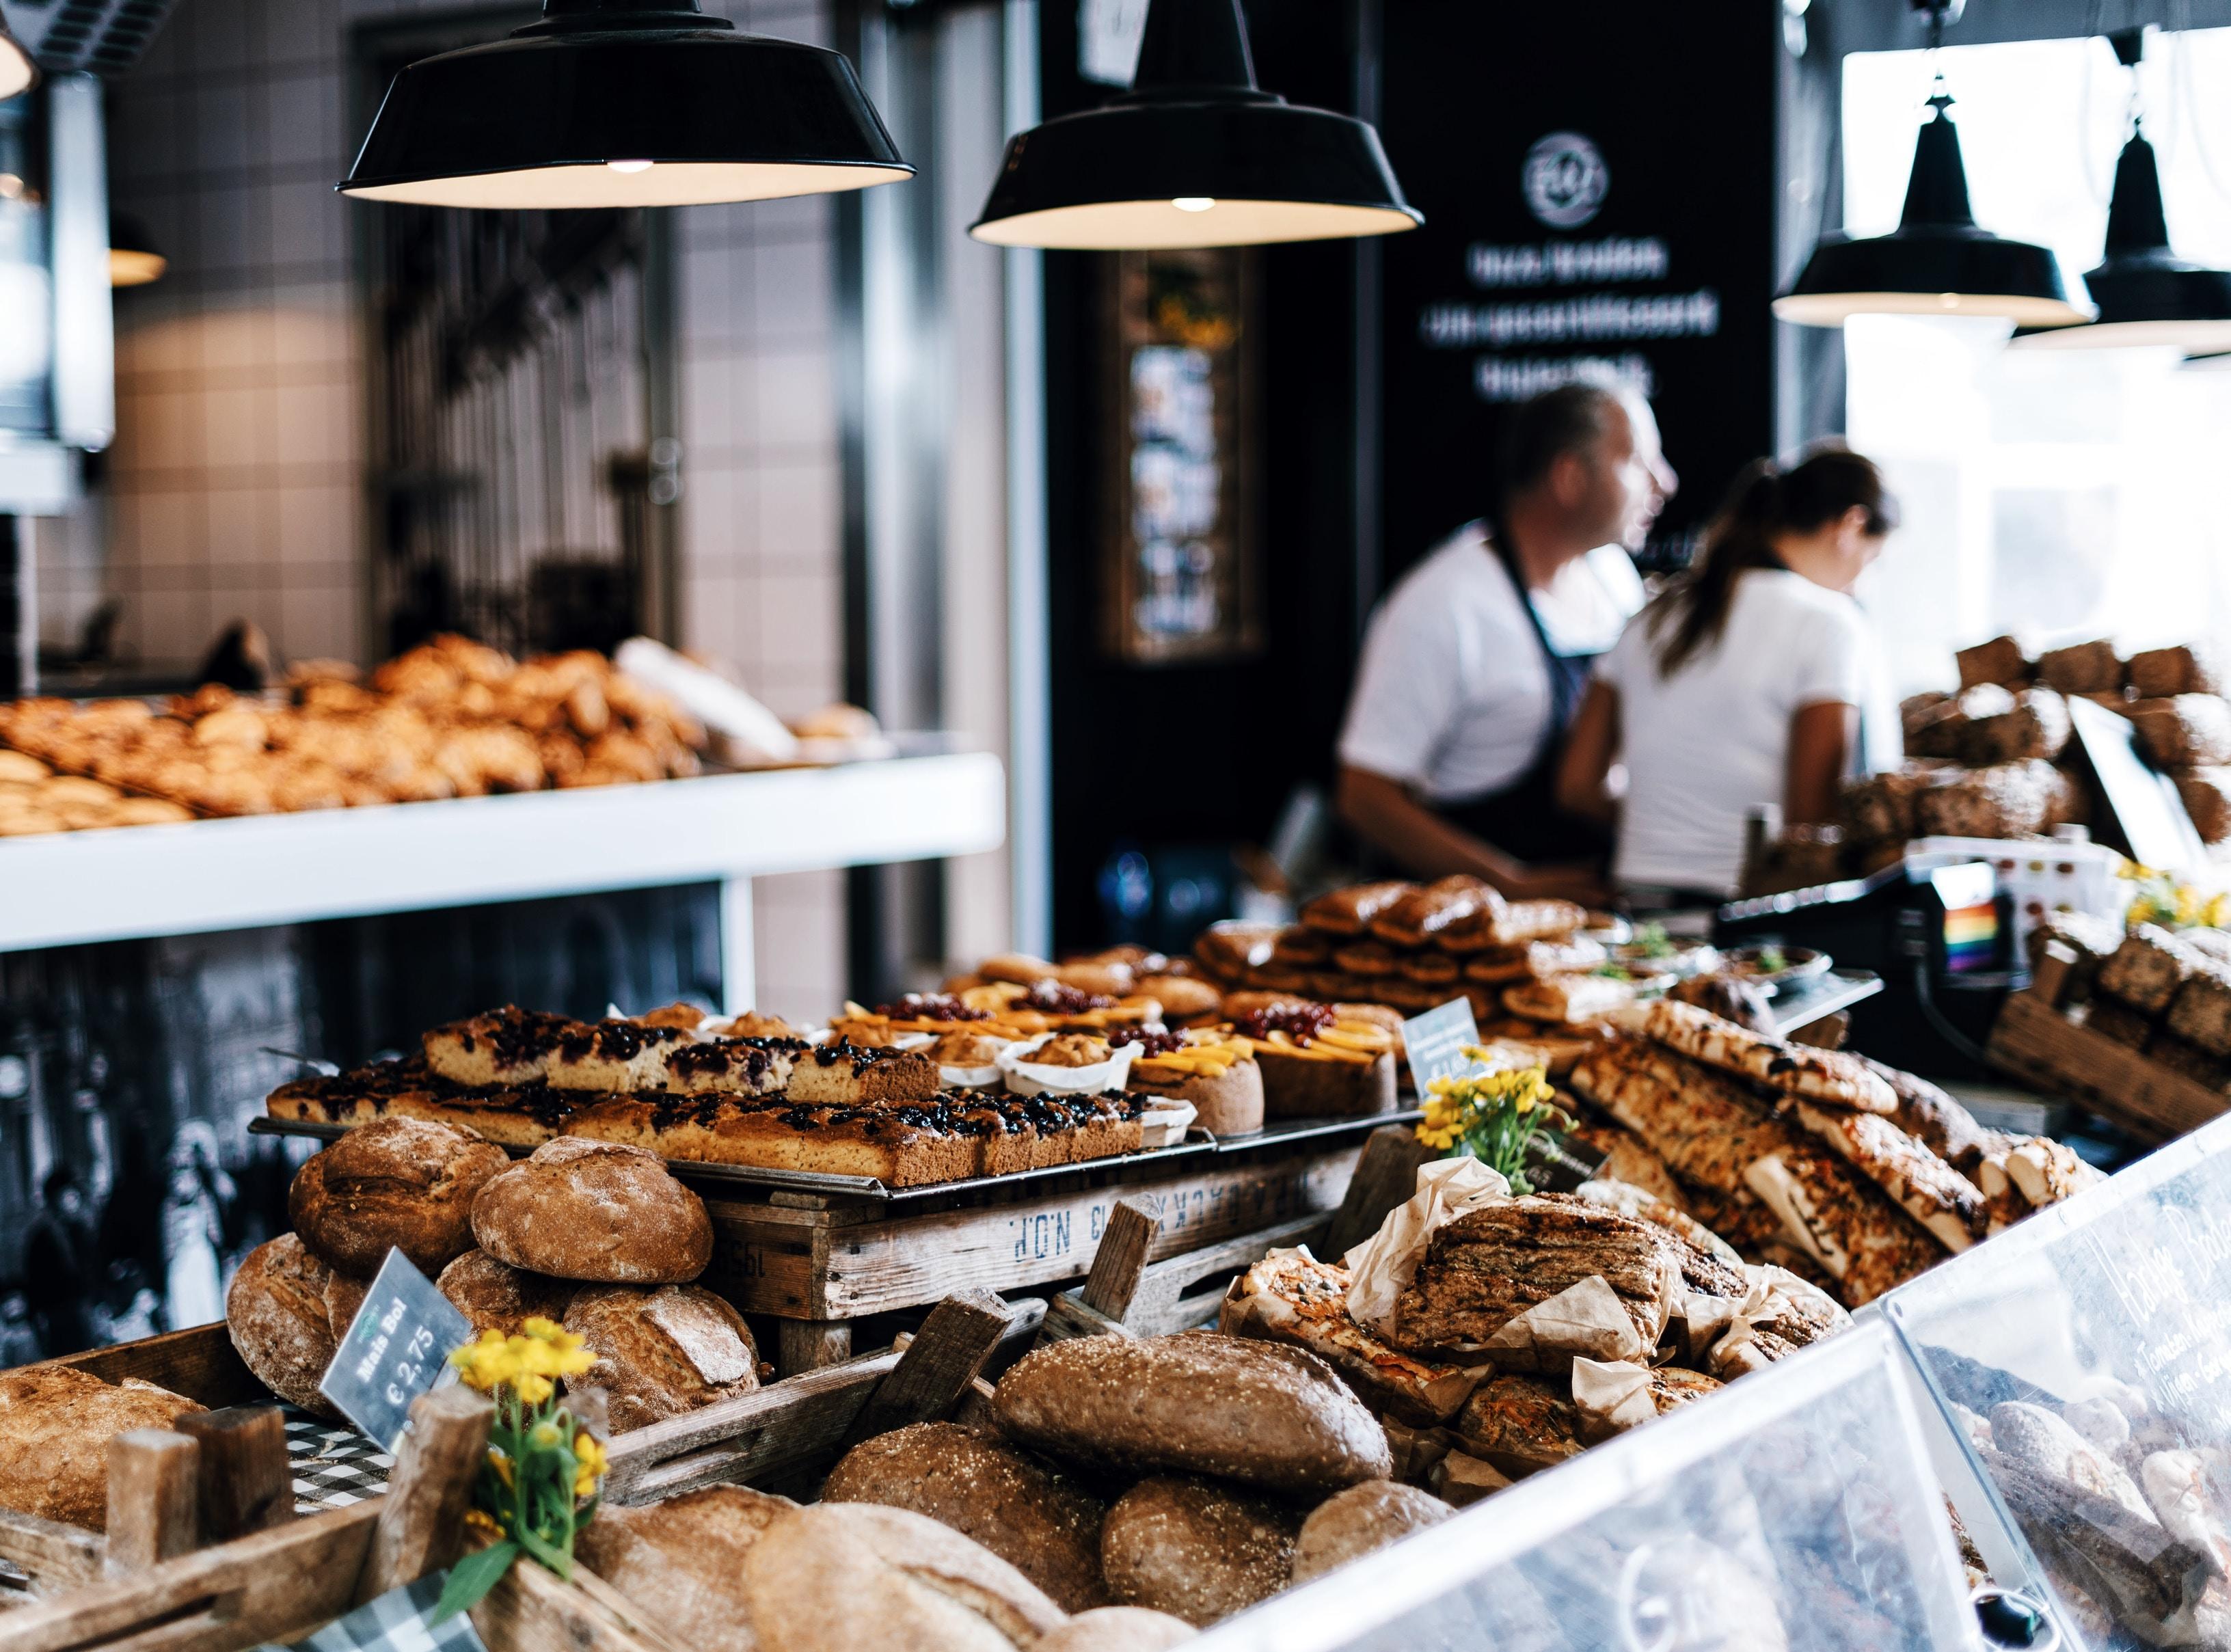 boulangerie-commerce-boulanger-pain-vitrine